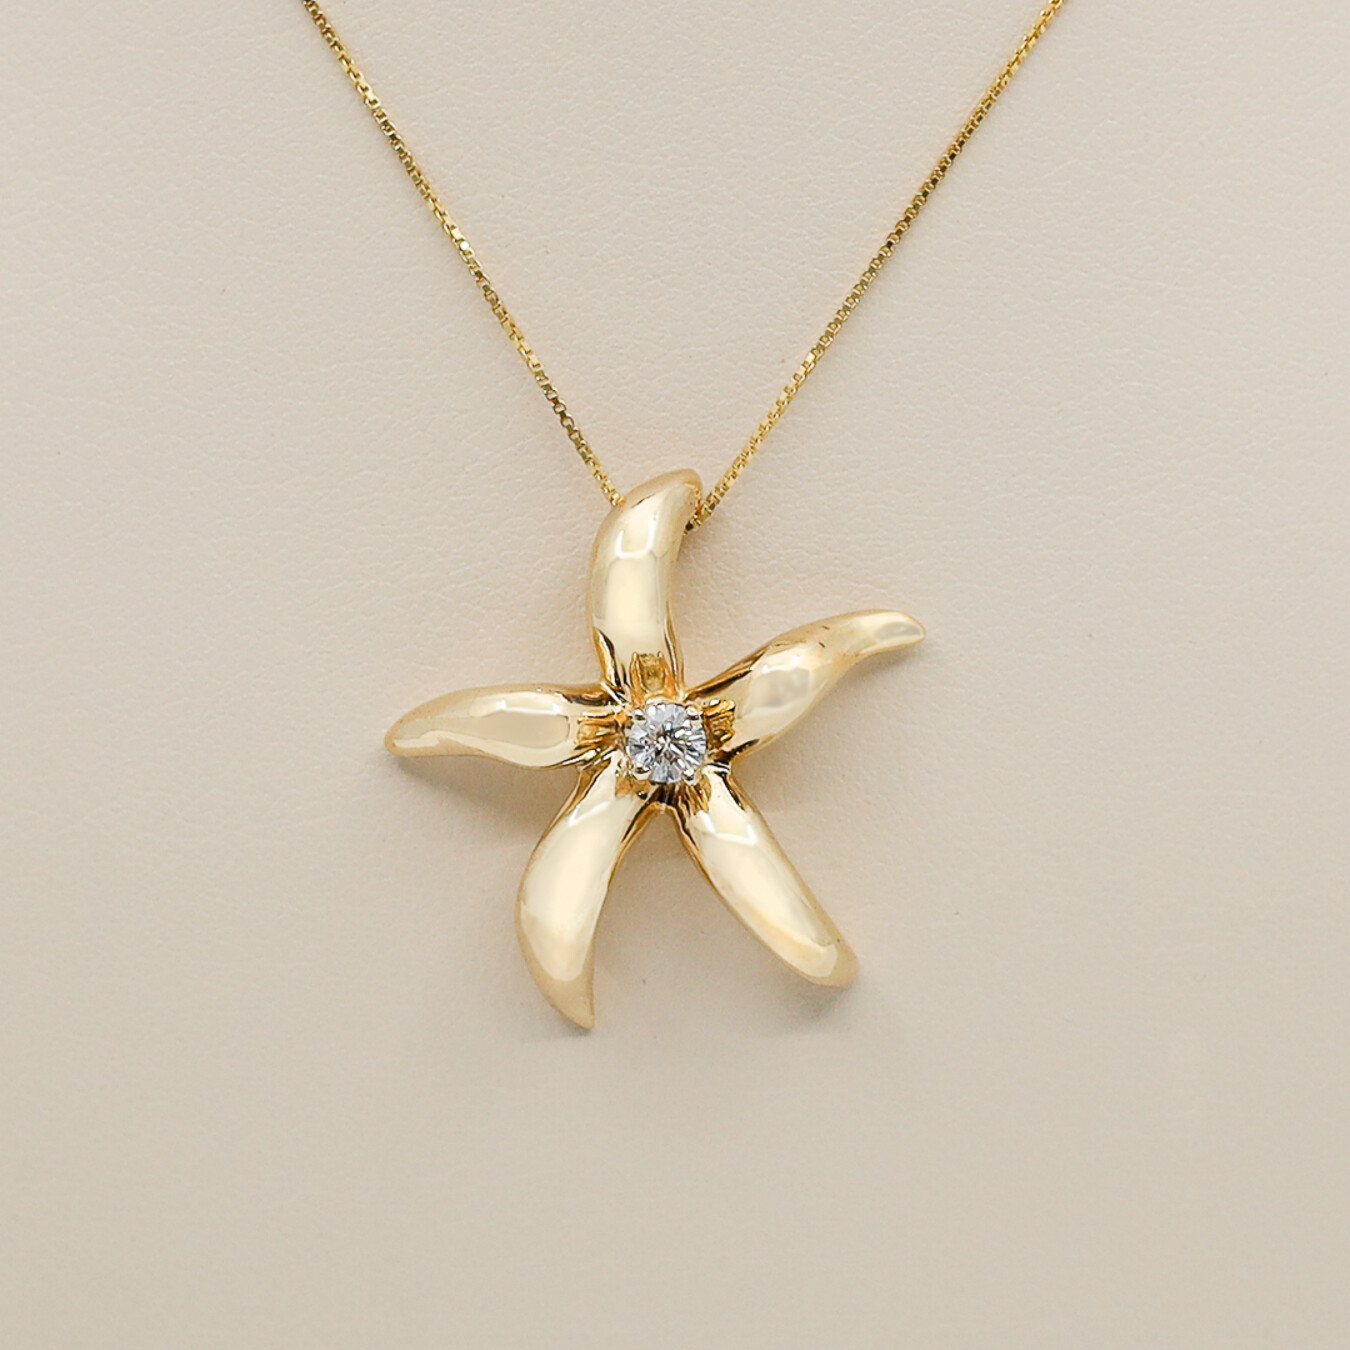 Starfish Pendant with Diamond